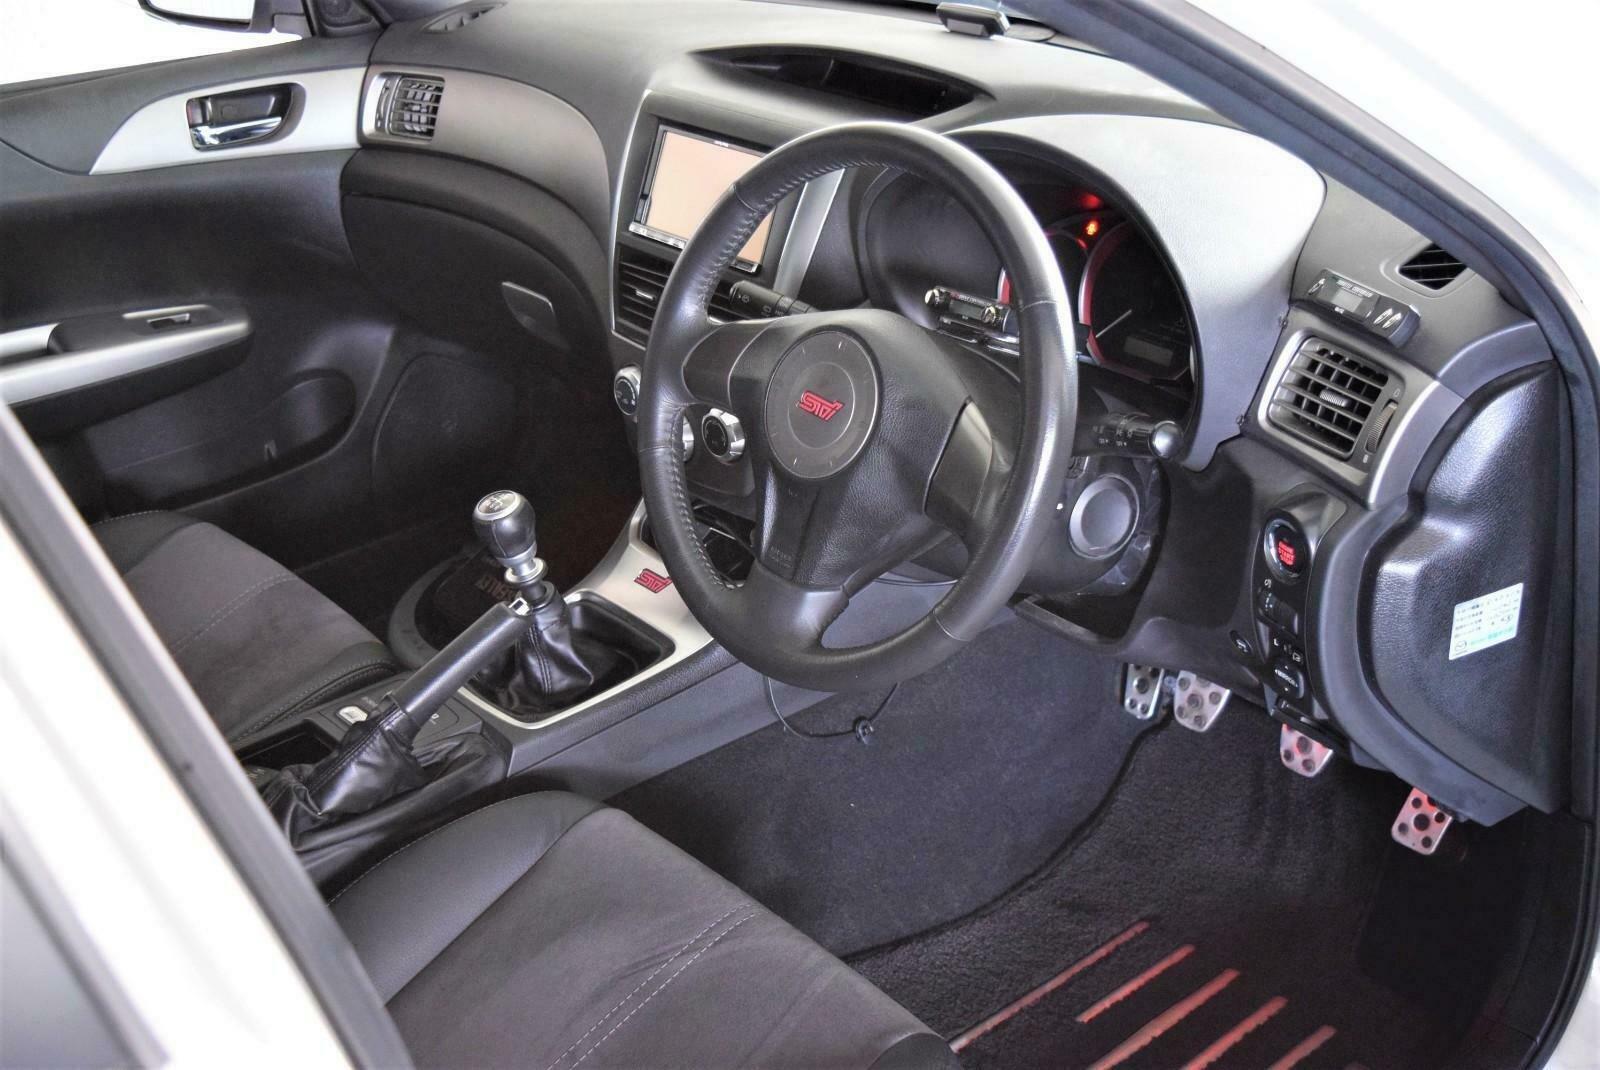 2009 Impreza 2.0 WRX STi JDM Import Pearl White For Sale (picture 6 of 6)